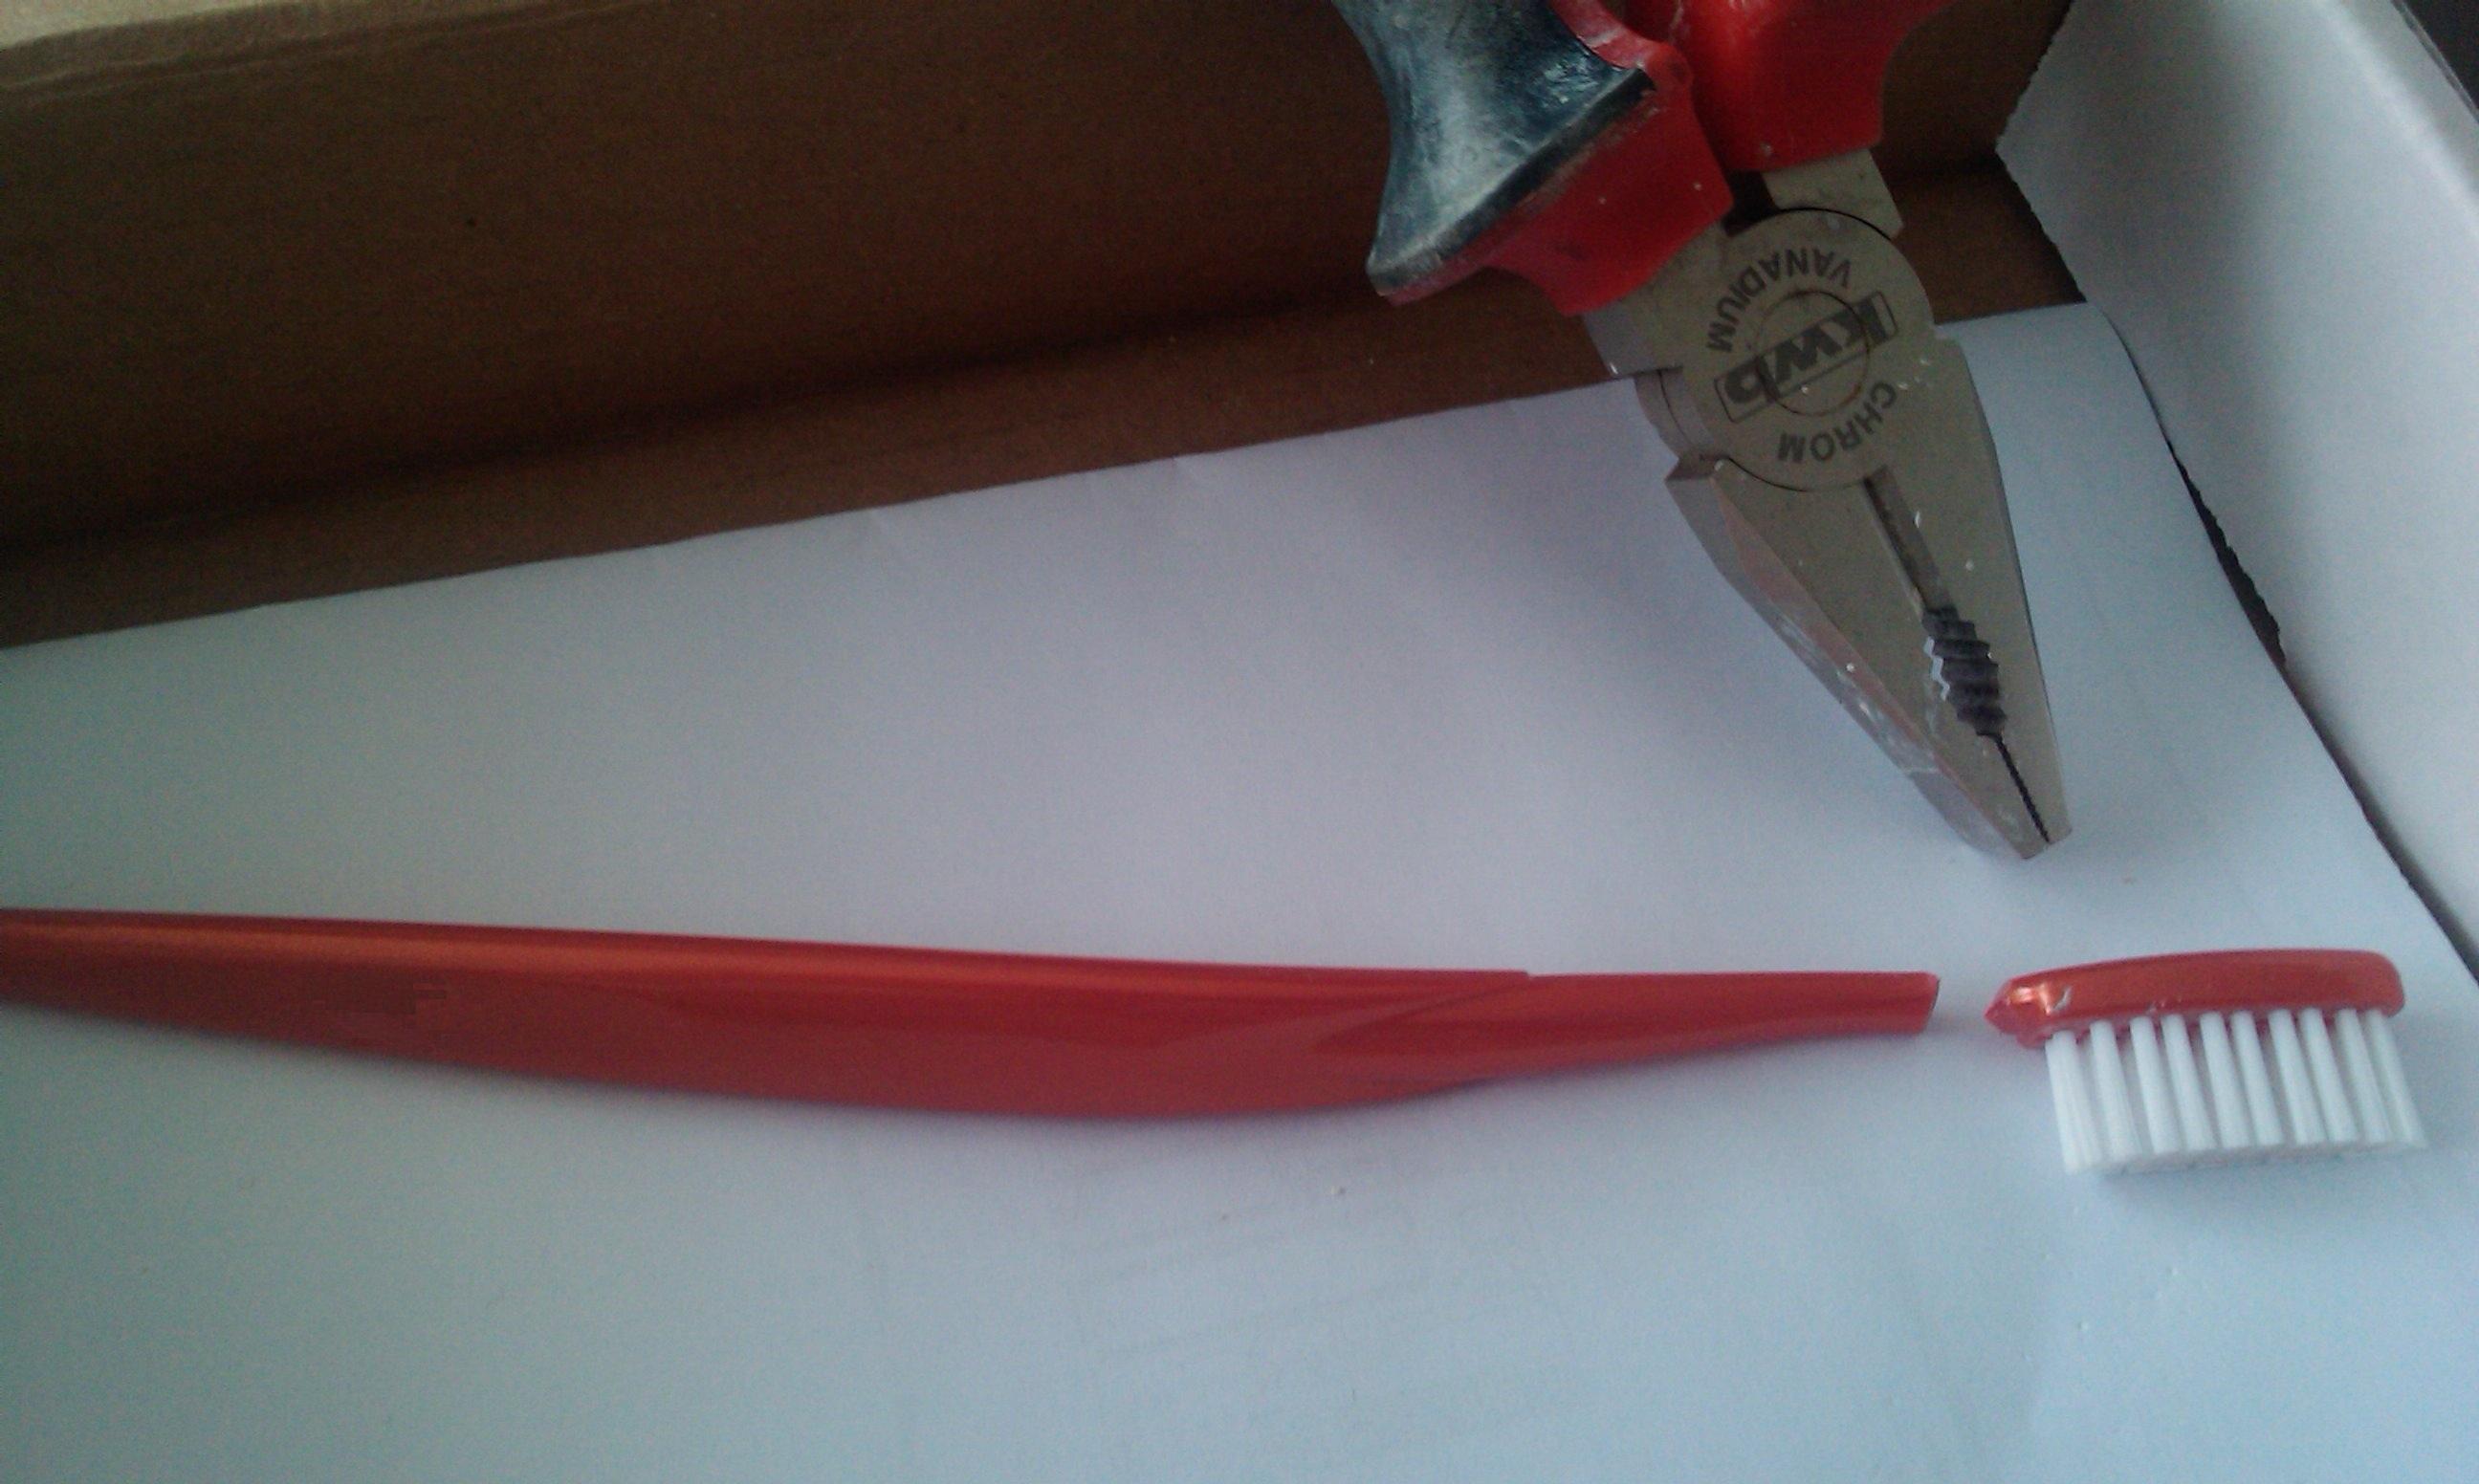 1. Knip de kop van een tandenborstel